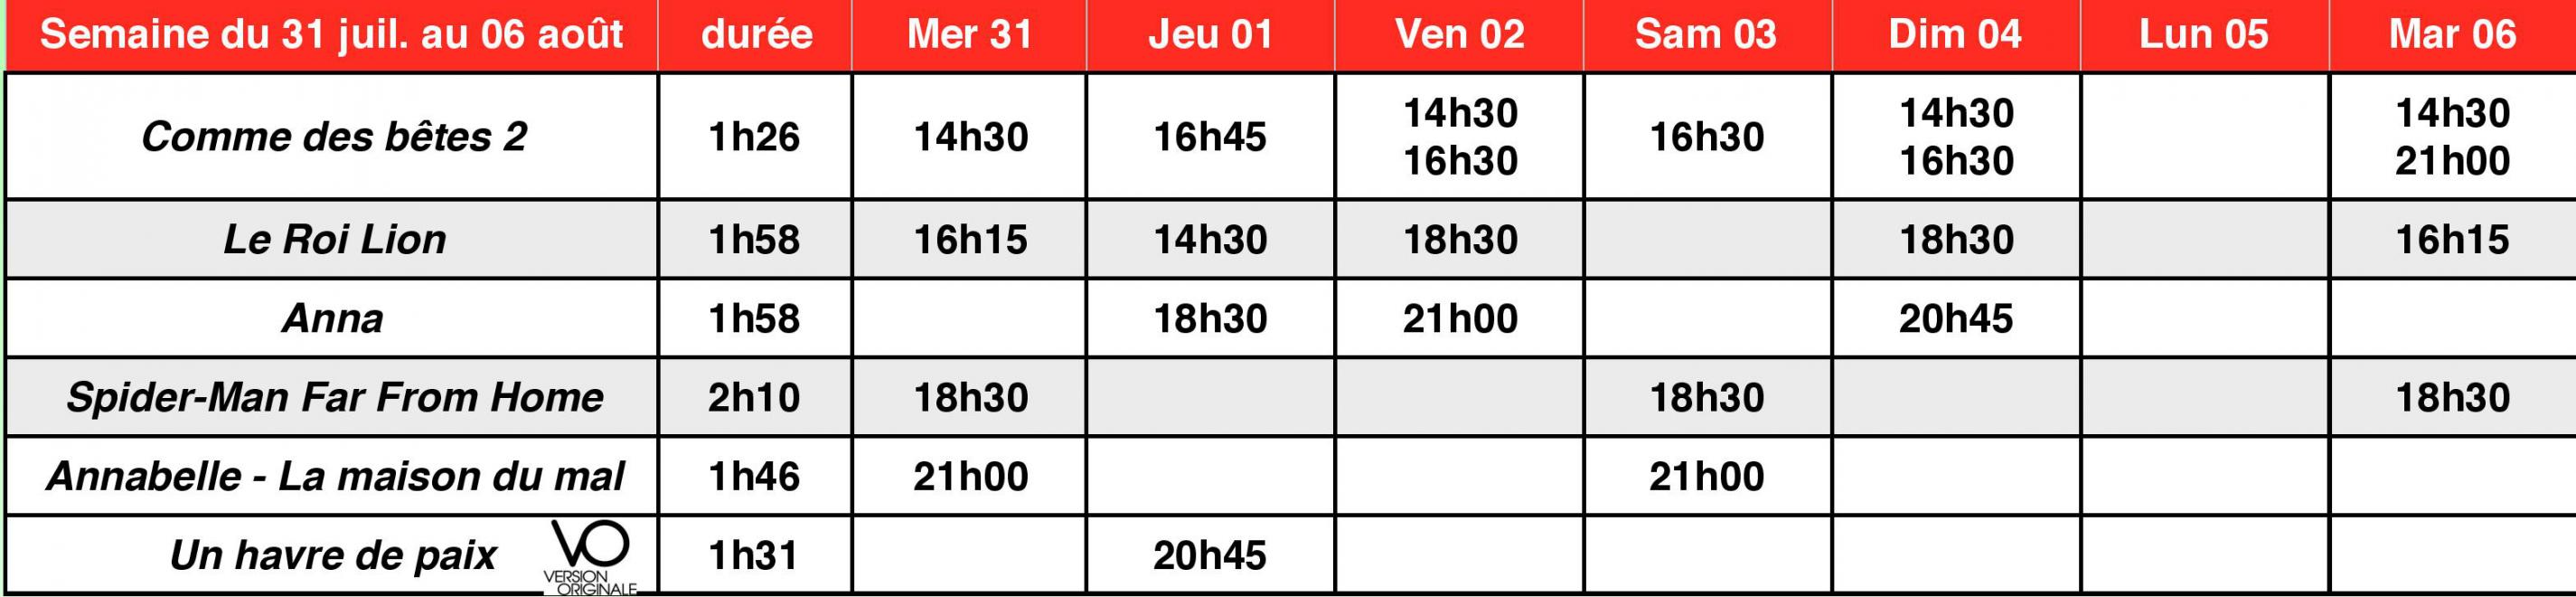 semaine-du-01-au-06-aout